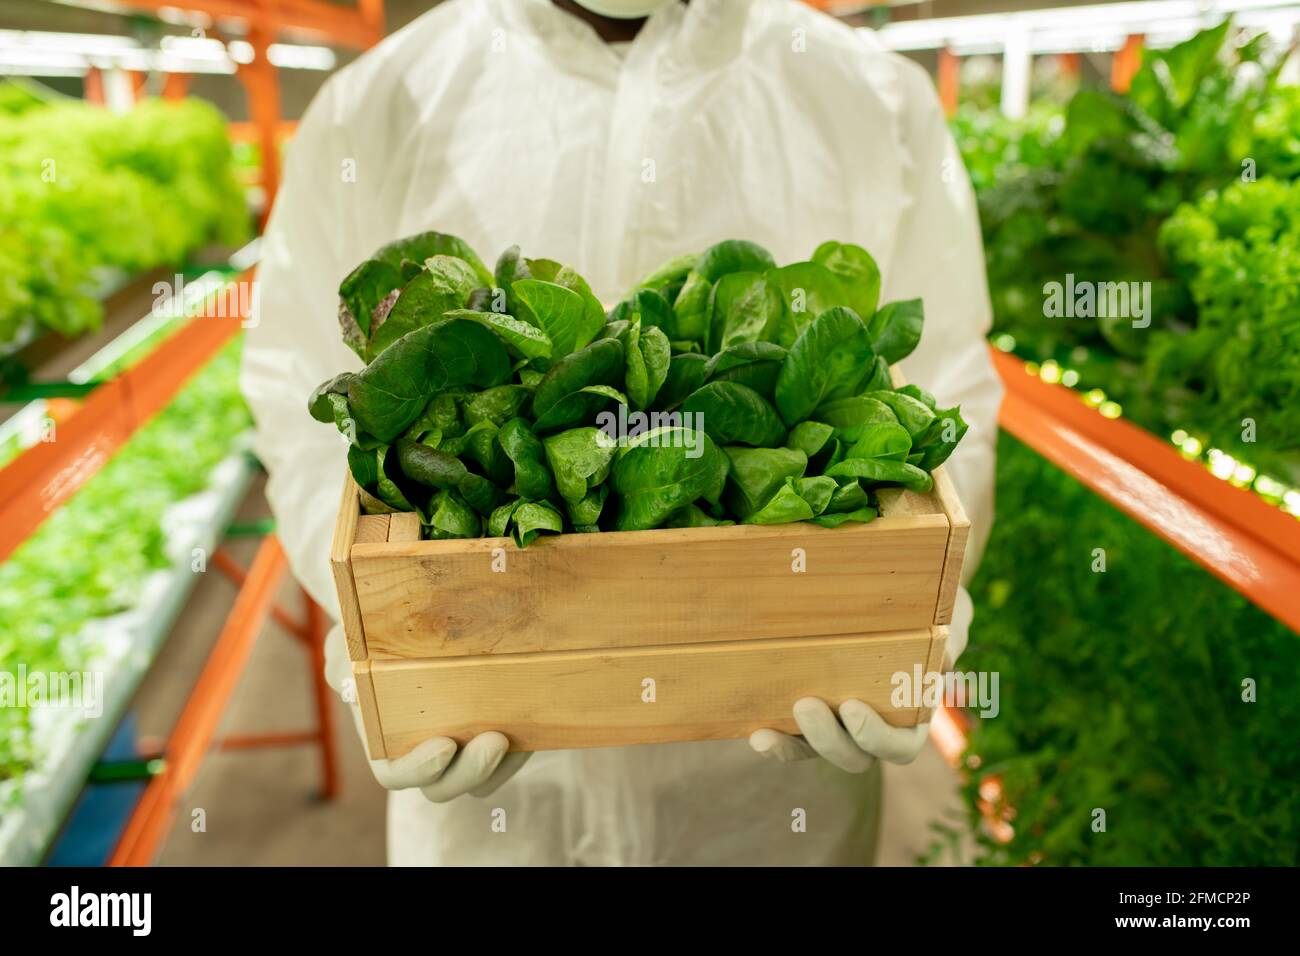 Primo piano di un irriconoscibile agroengineer in indumenti da lavoro di protezione in piedi con scatola di piantine verdi a fattoria verticale Foto Stock